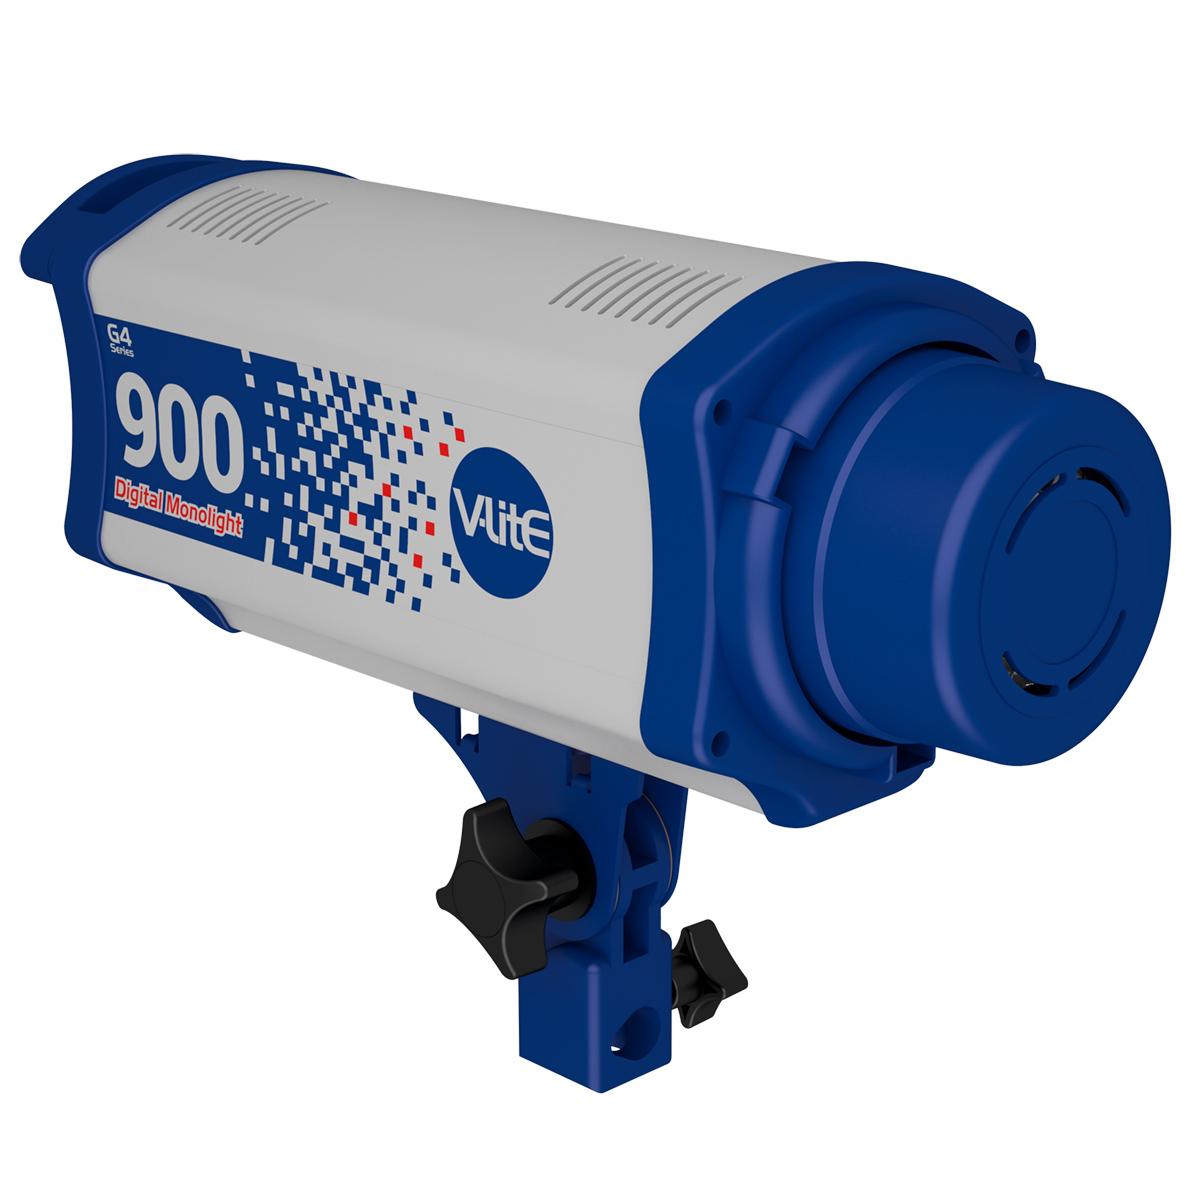 Flash V-Lite 900 G4